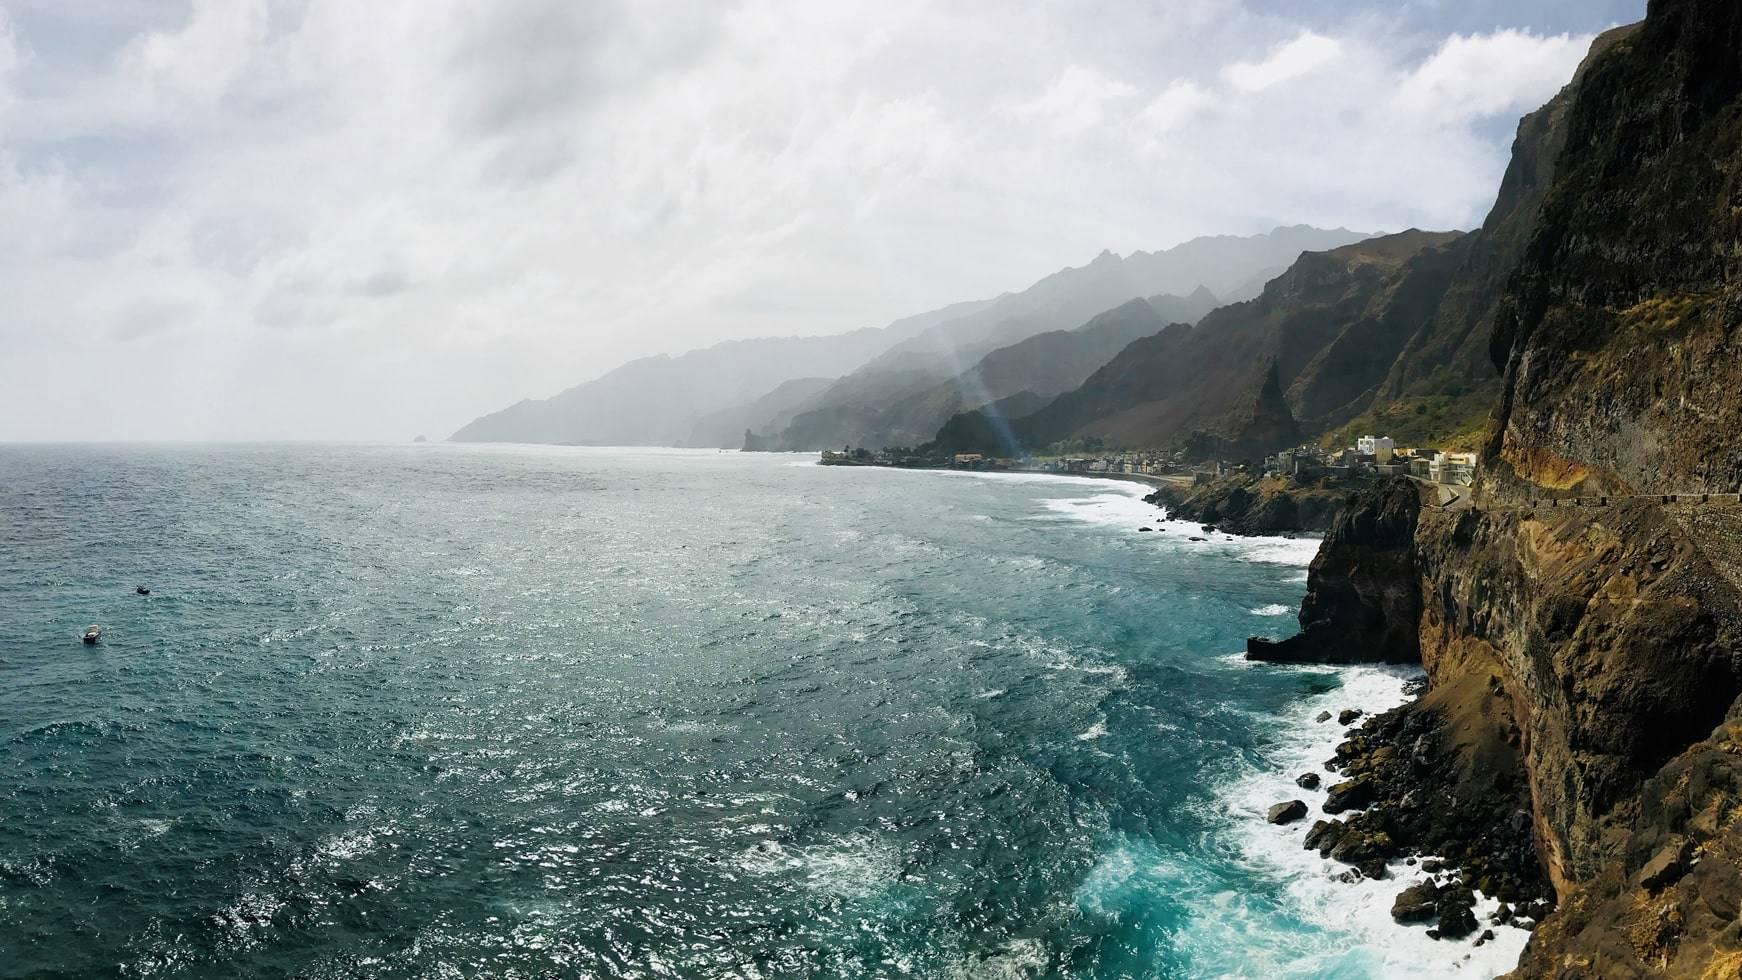 Kaapverdie Santo Antao uitzicht bergen gladys